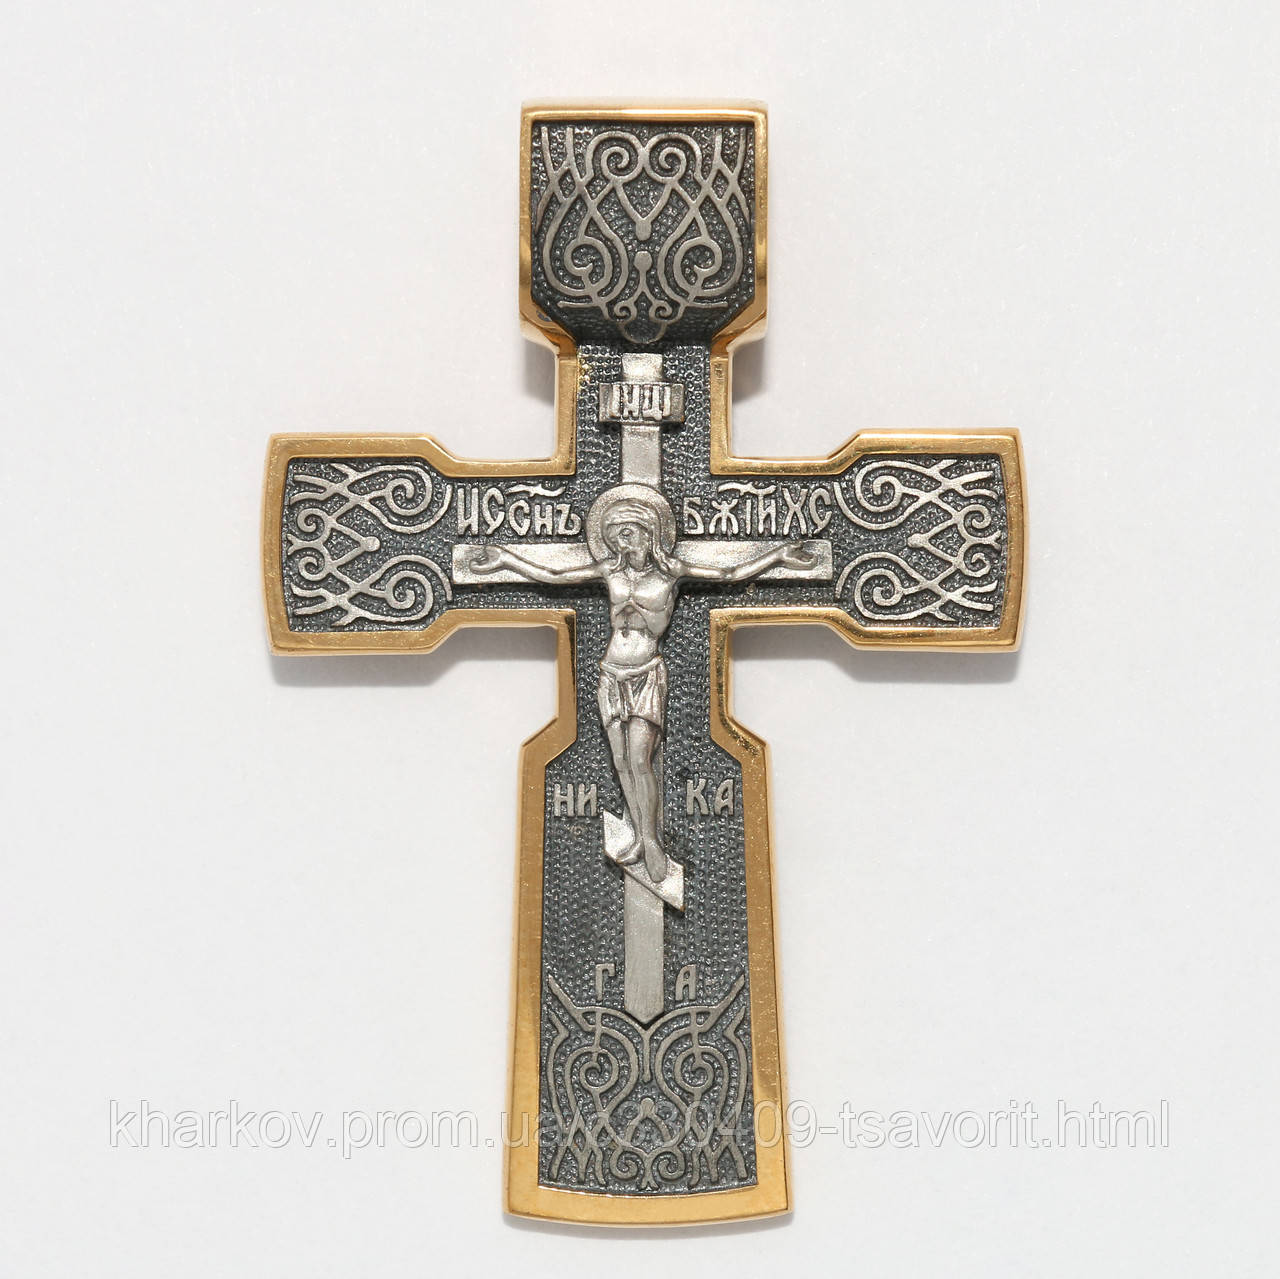 Серебряный крестик с позолотой ВКХ-53